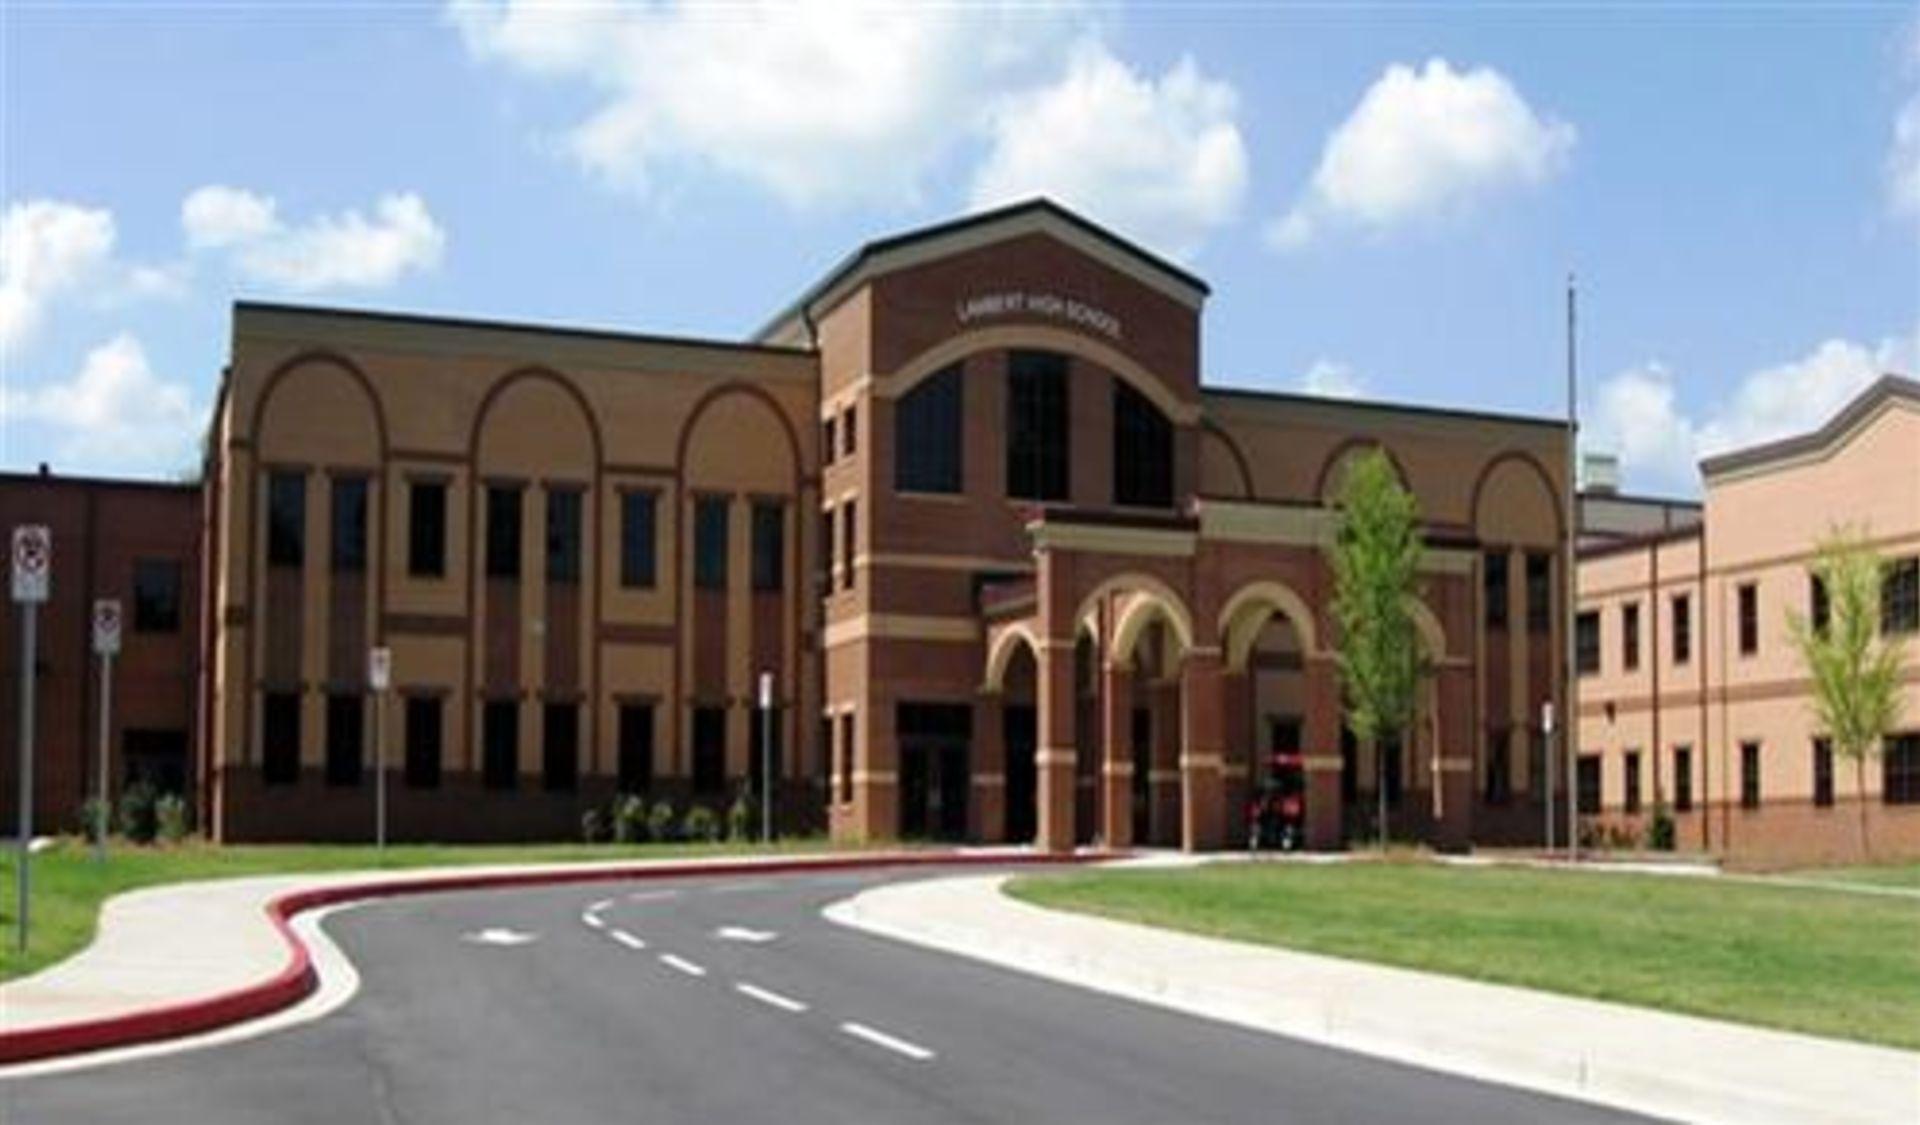 Lambert School District